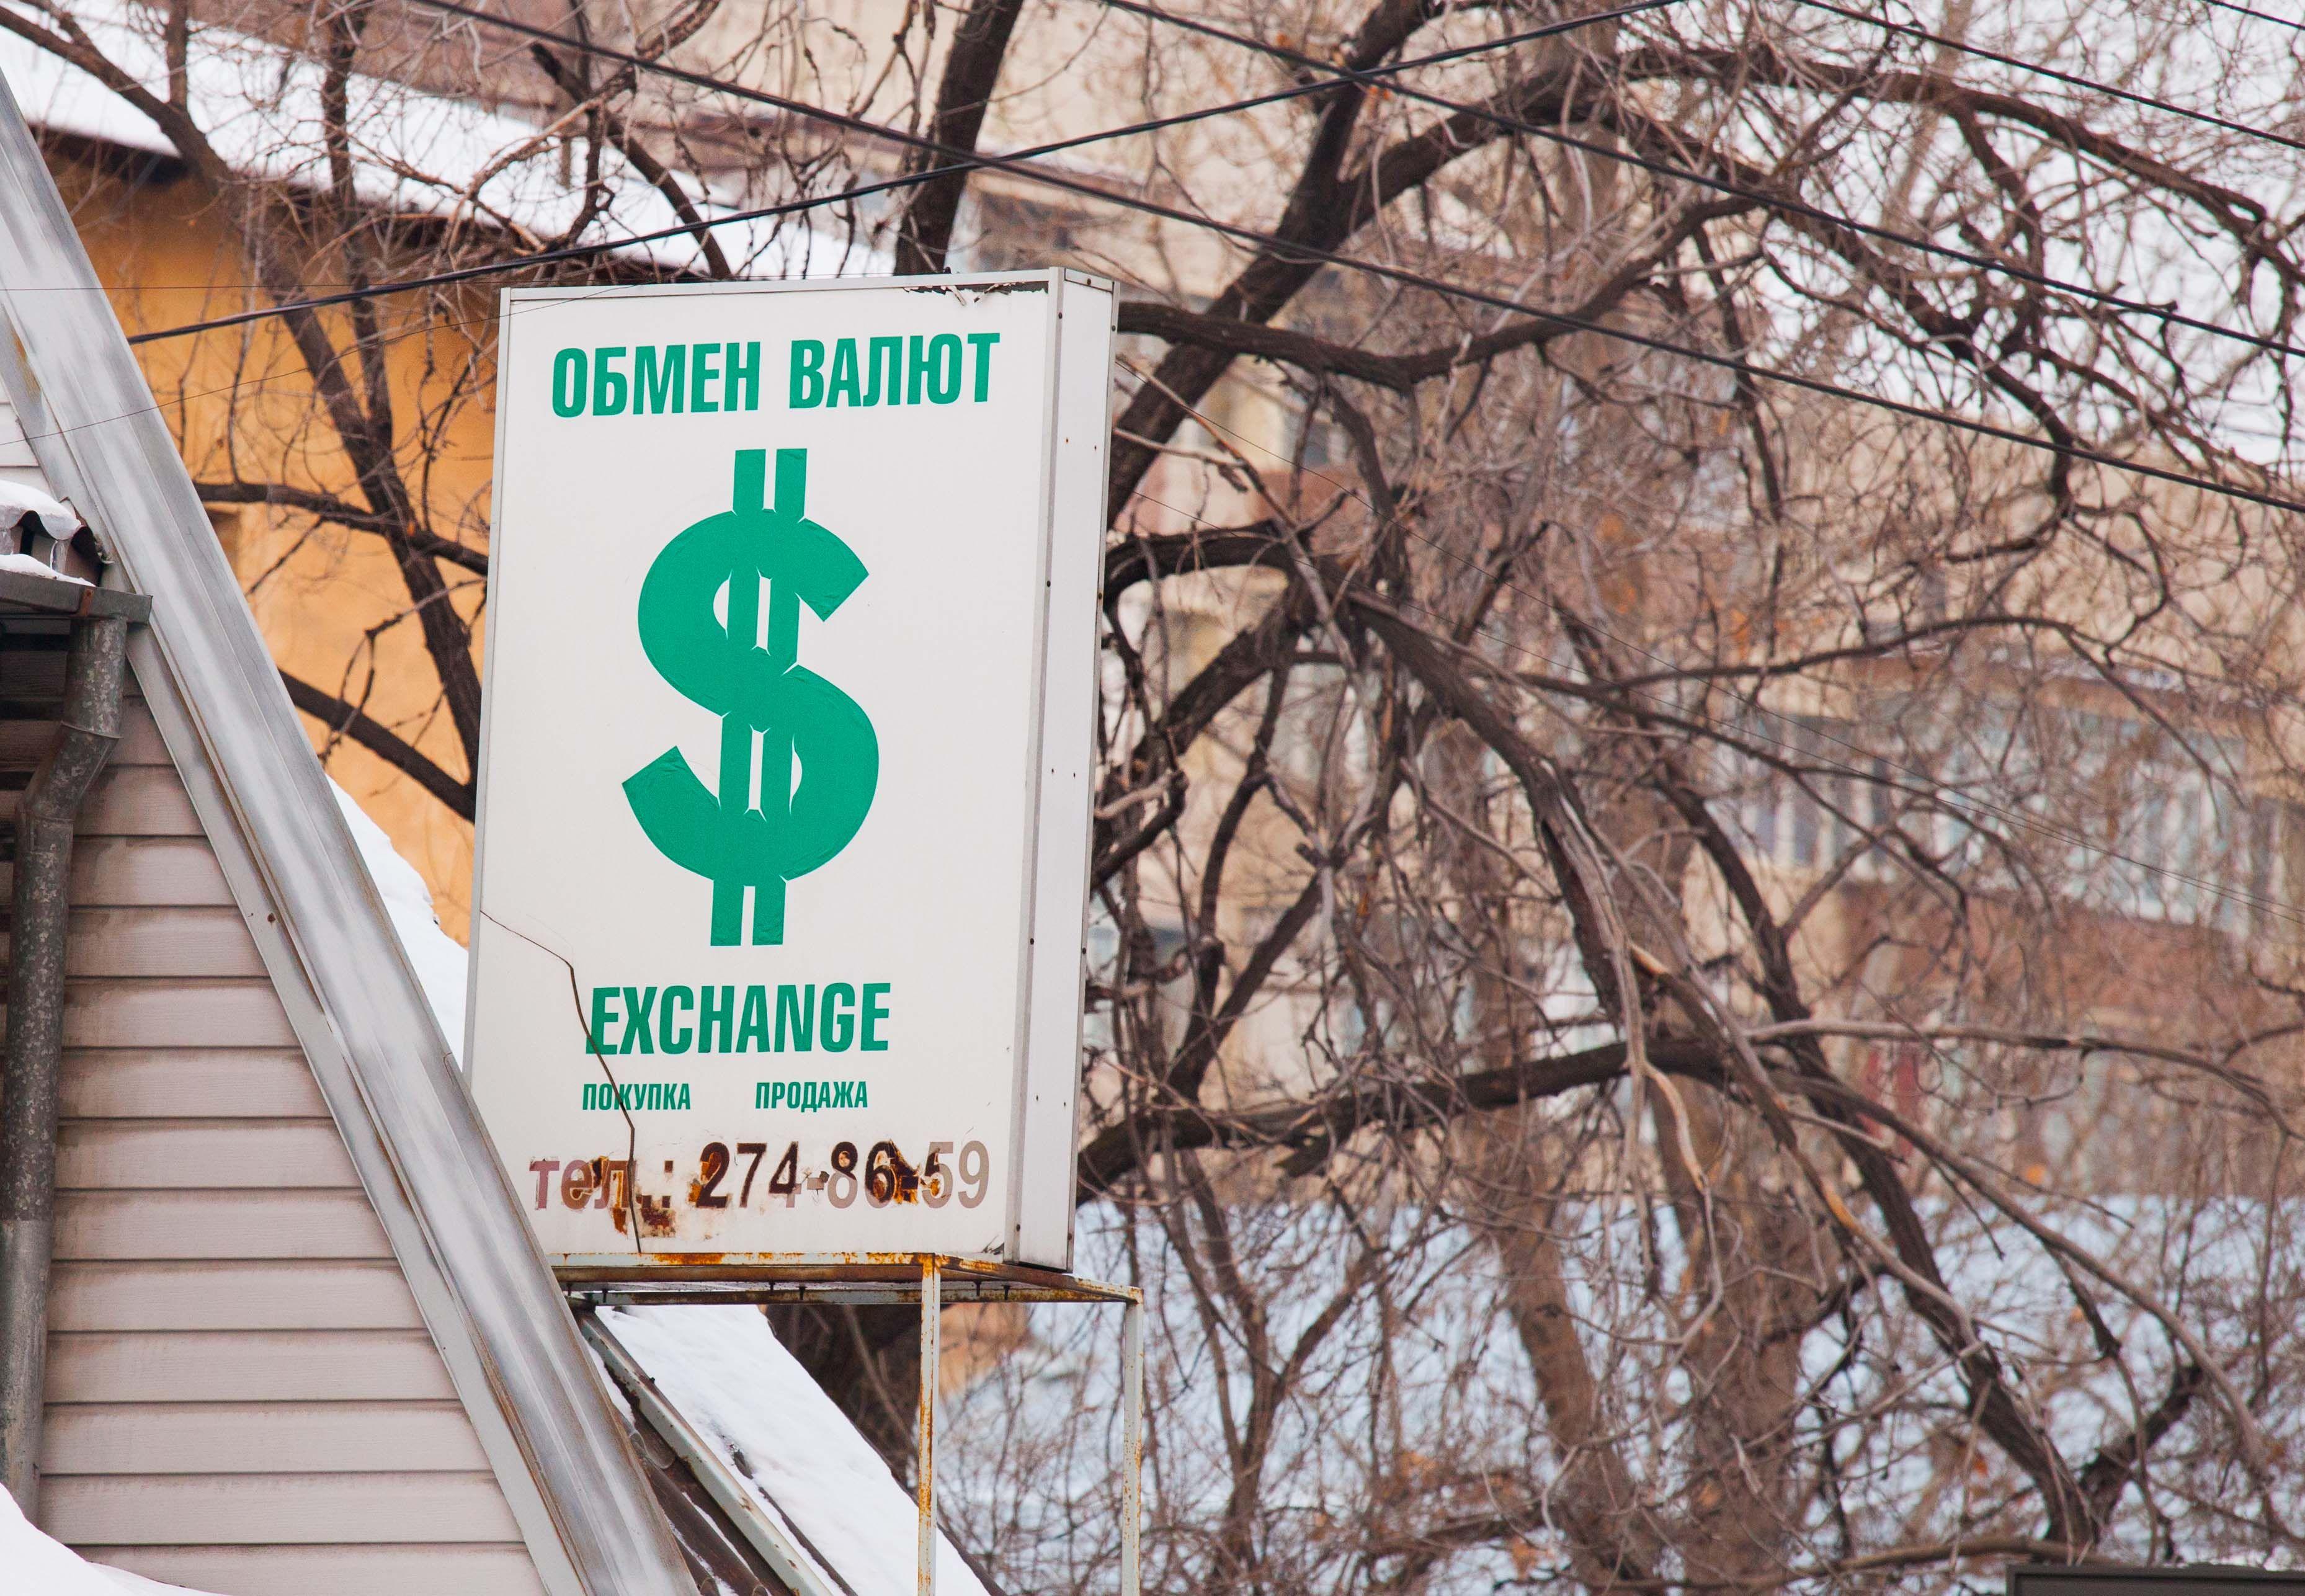 Аренда обменных пунктов в РК резко подорожала- Kapital.kz